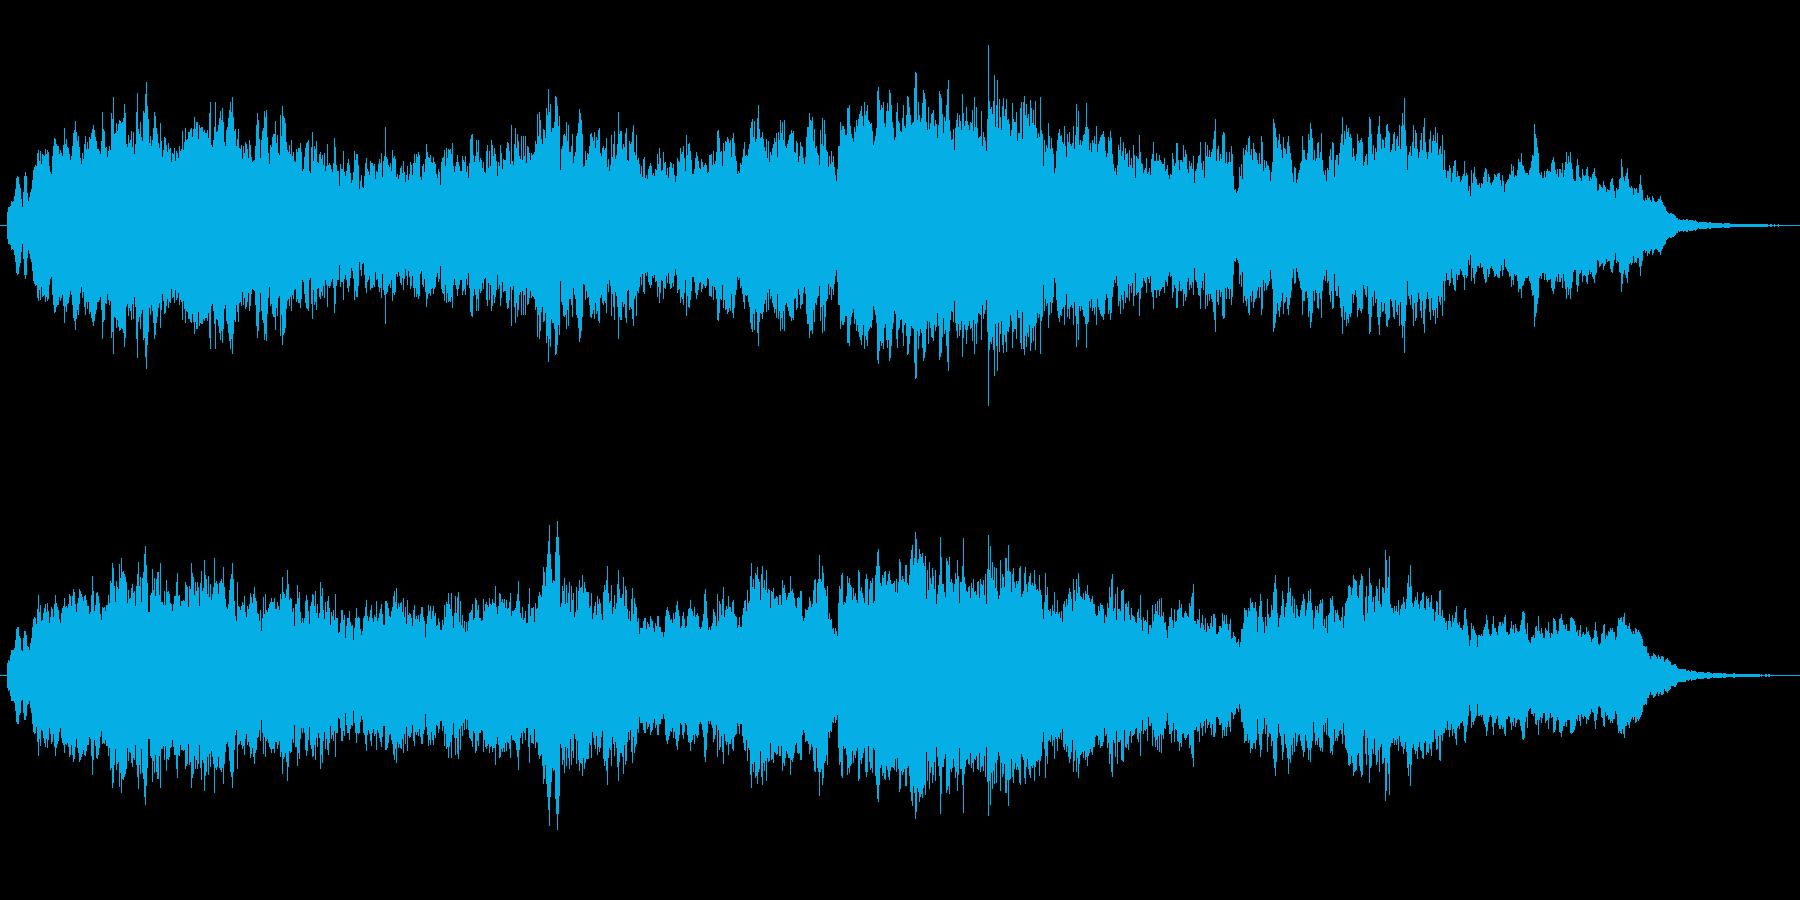 フルートとキラキラシンセの優しいジングルの再生済みの波形